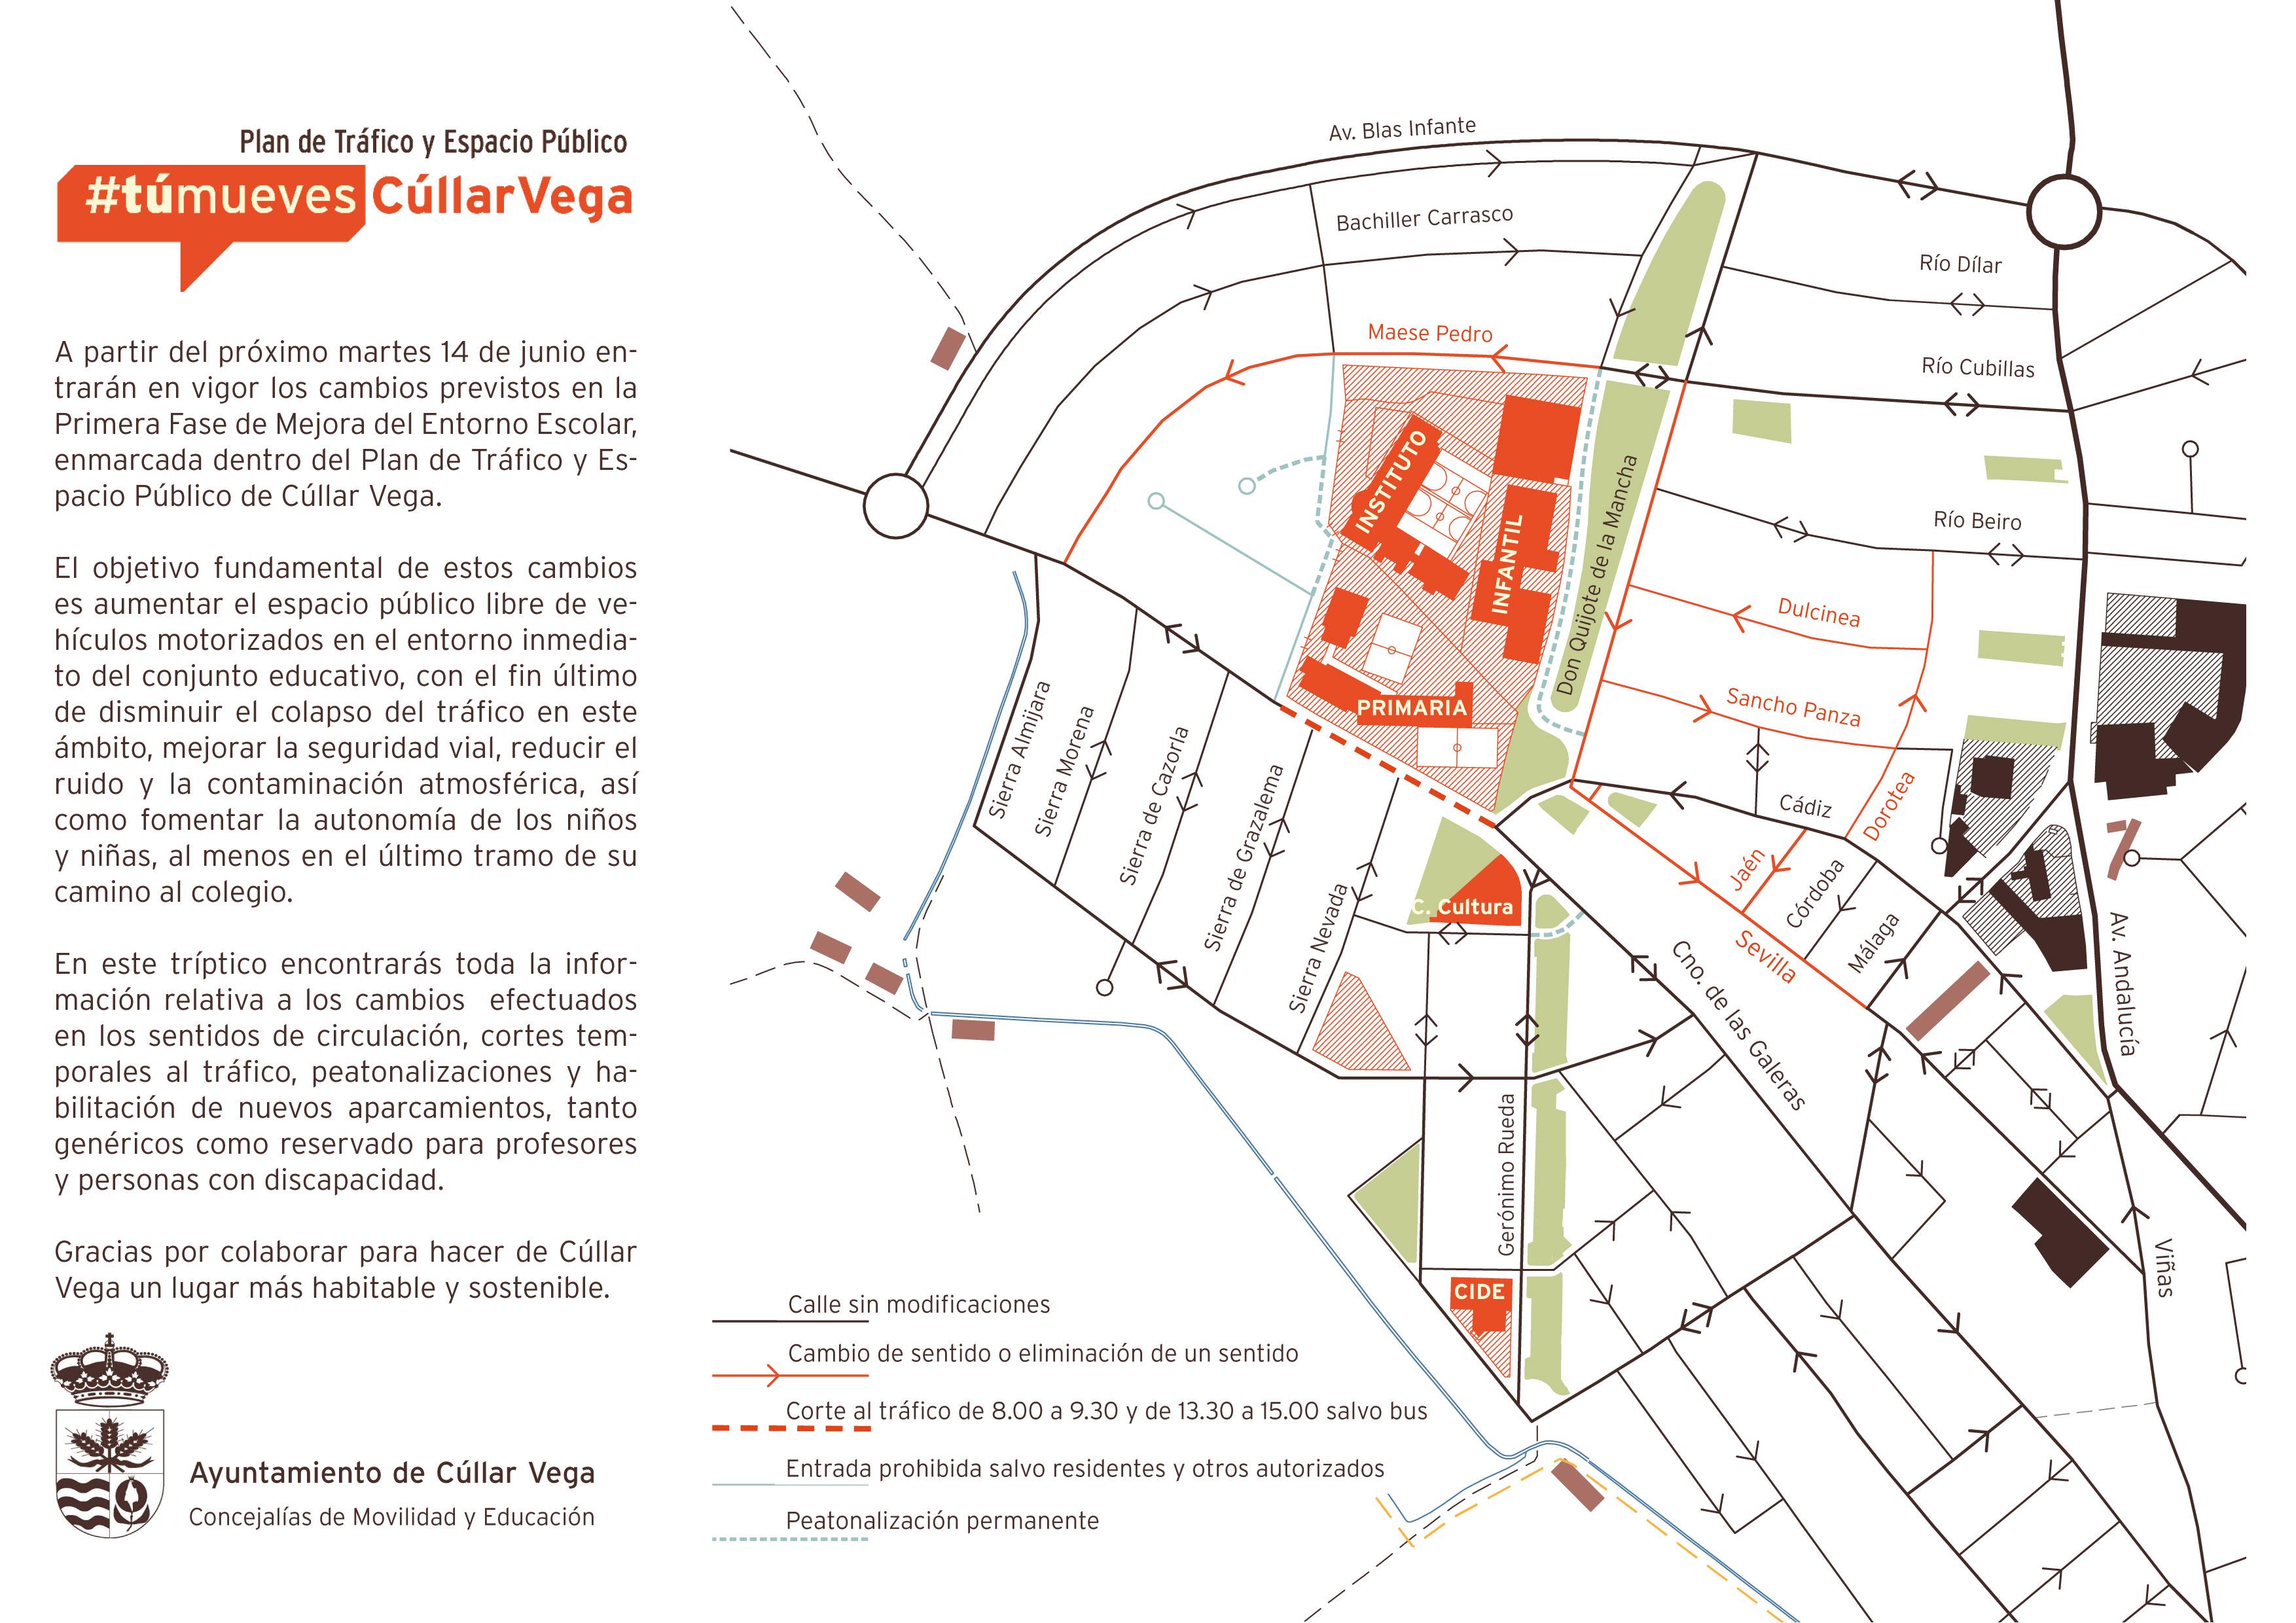 Plan de movilidad de Cúllar Vega